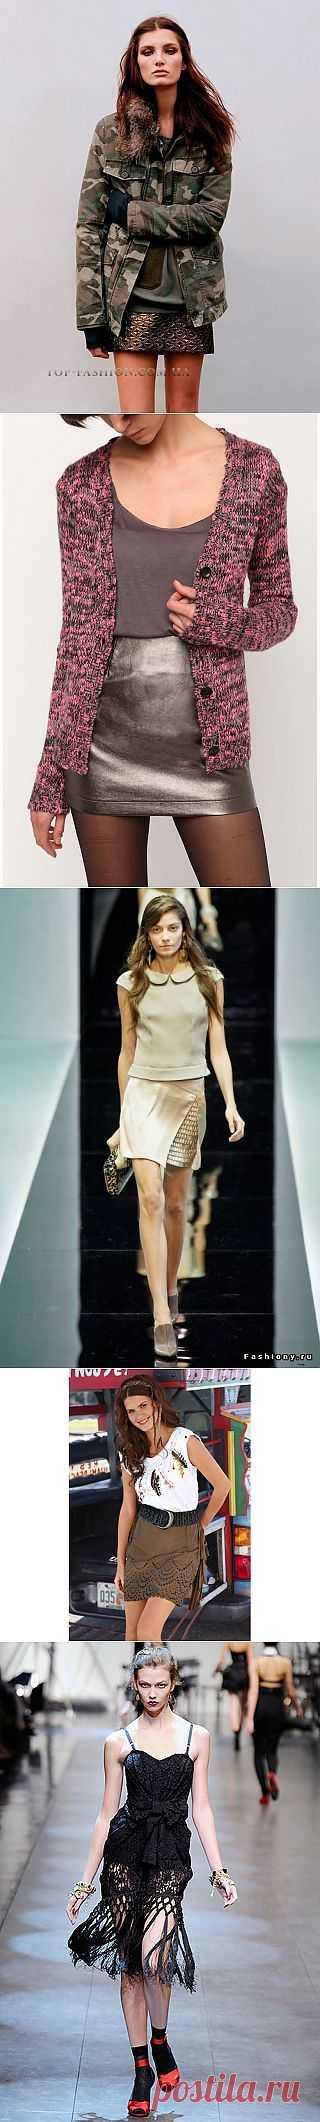 Интересные юбки / Детали / Модный сайт о стильной переделке одежды и интерьера